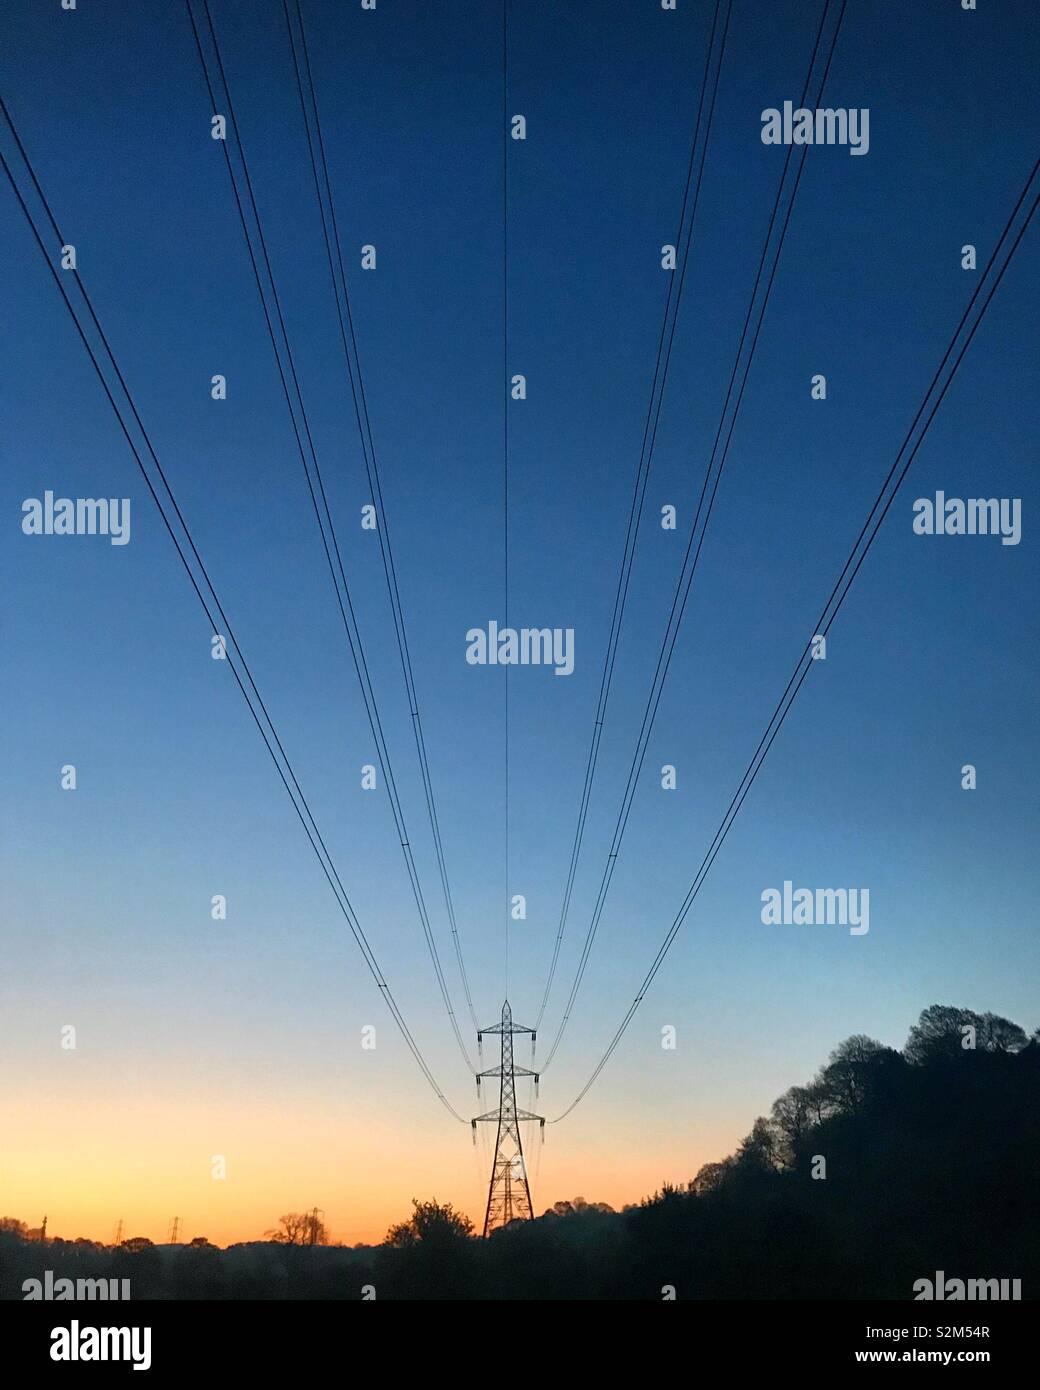 Les lignes d'alimentation à l'encontre d'un lever de soleil à Manchester, Angleterre Photo Stock